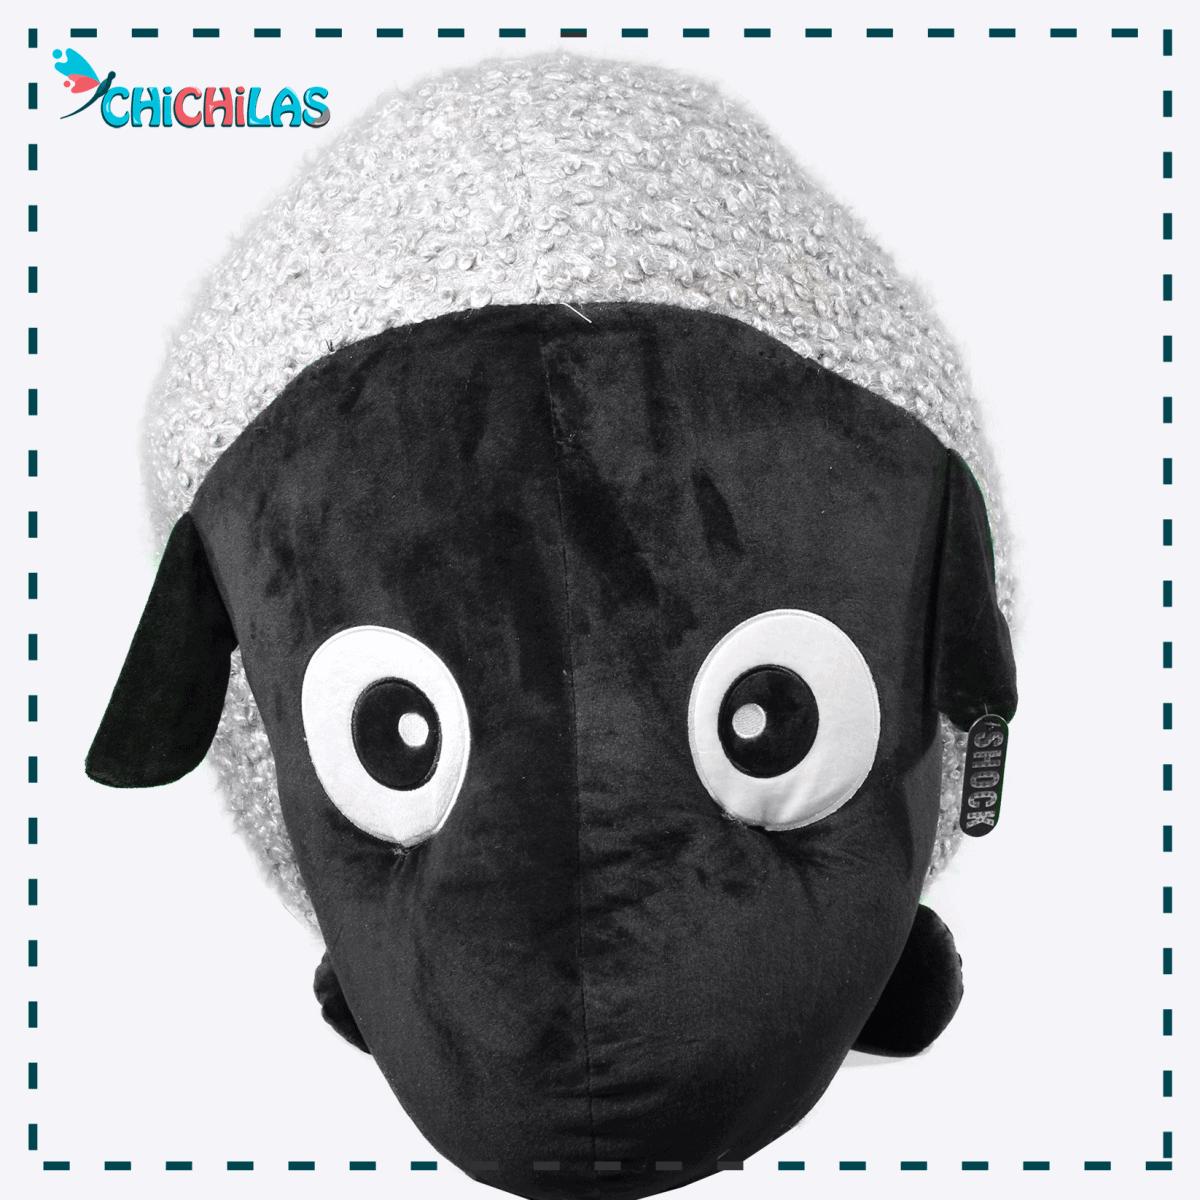 چیچیلاس - عروسک بزرگ - عروسک قوچ - عروسک گوسفند بزرگ - ولنتاین - خرید عروسک بزرگ - فروشگاه عروسک